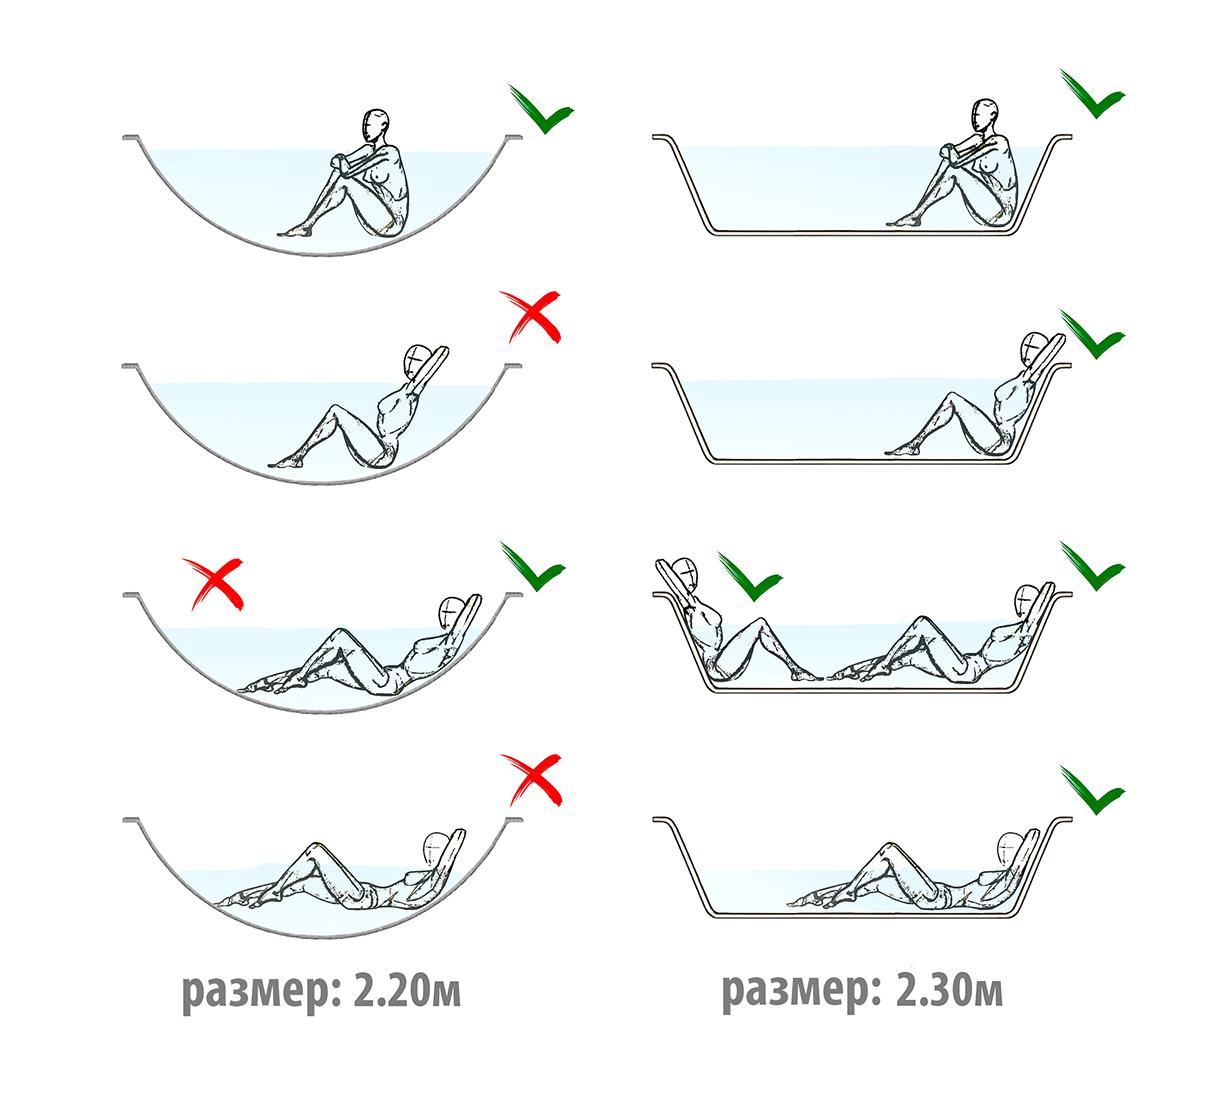 сравнение формы чанов